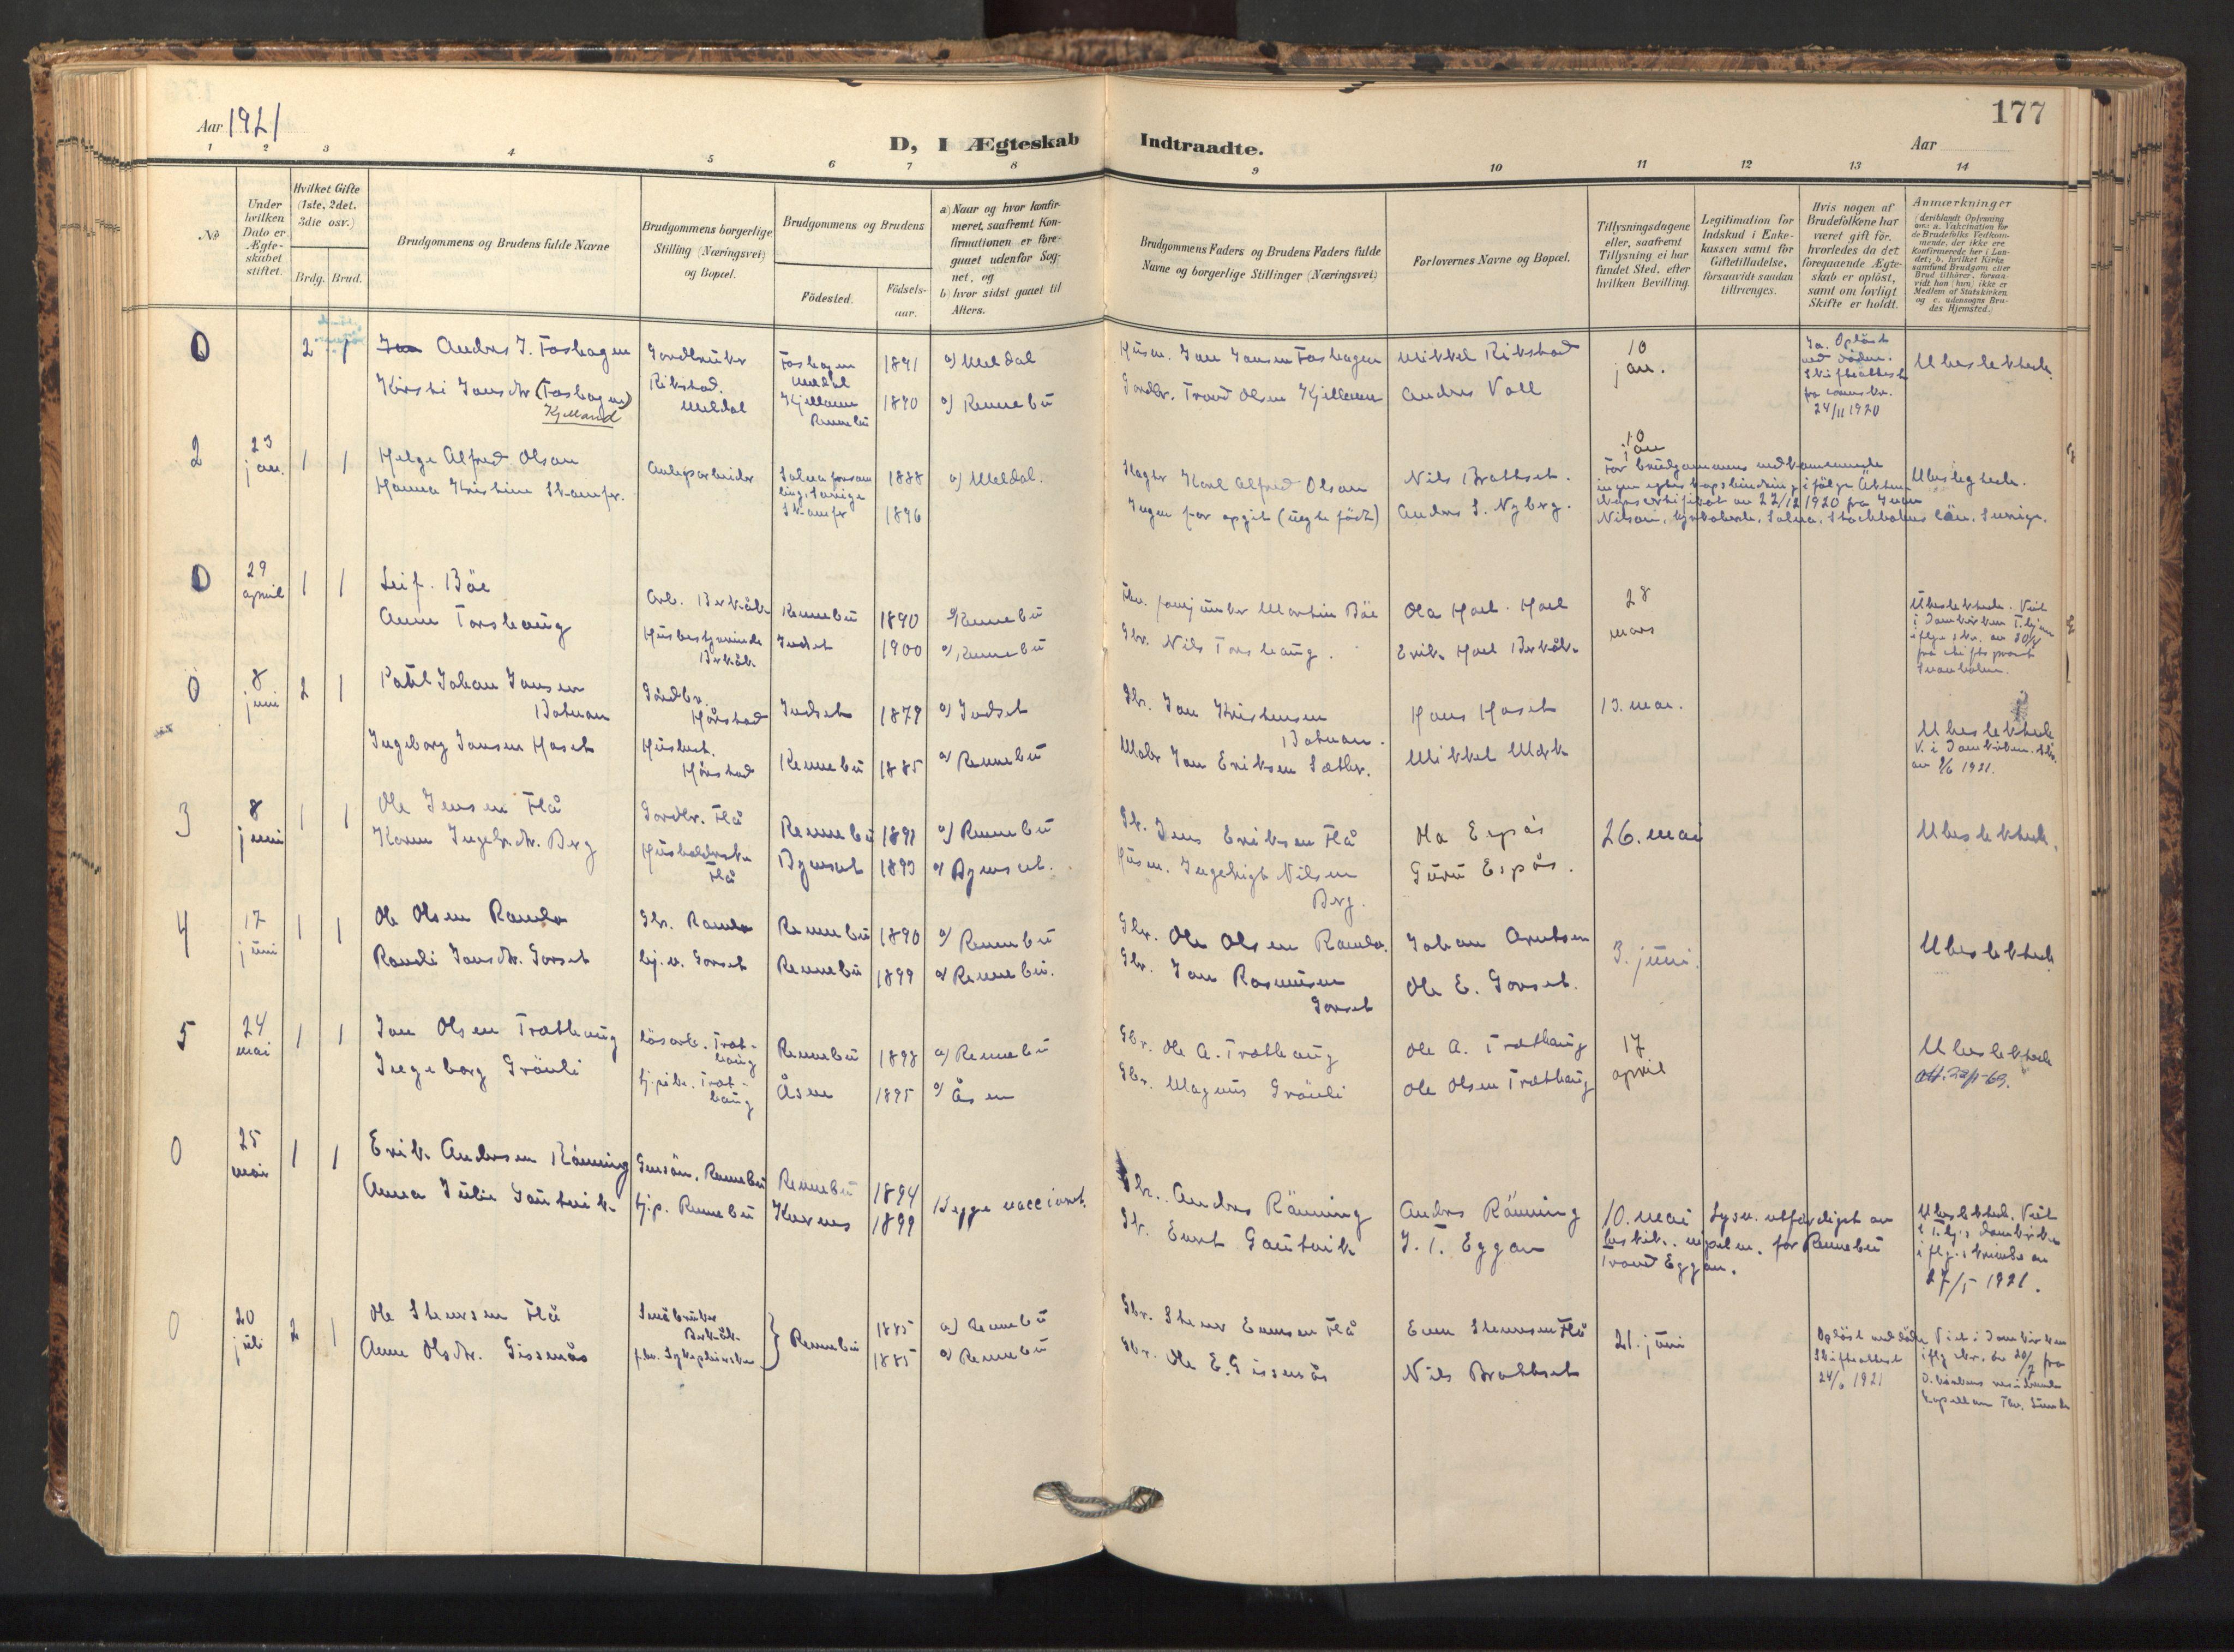 SAT, Ministerialprotokoller, klokkerbøker og fødselsregistre - Sør-Trøndelag, 674/L0873: Ministerialbok nr. 674A05, 1908-1923, s. 177